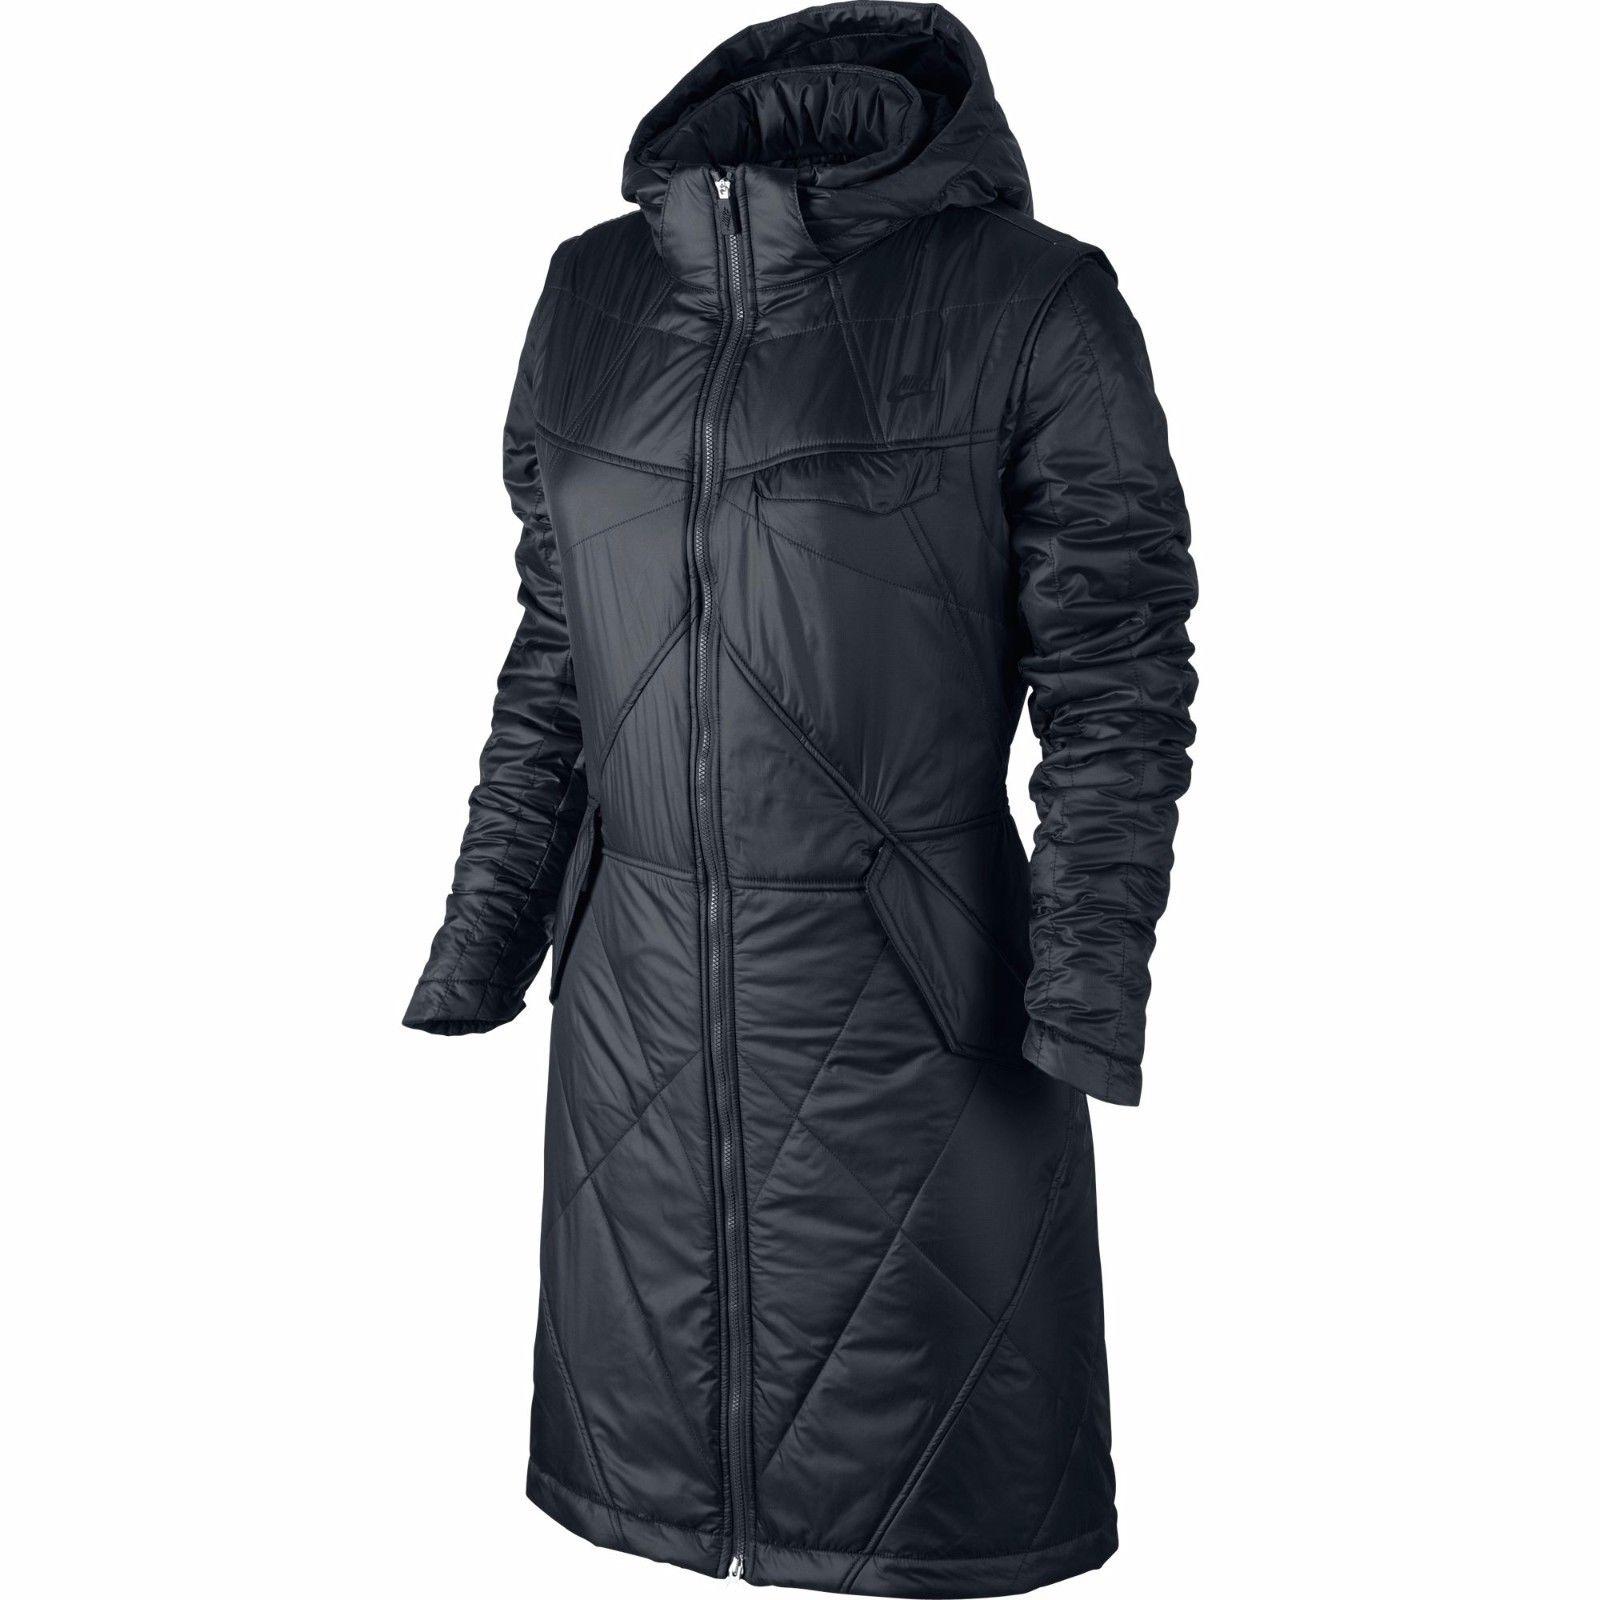 fcd63e923992 Details about Nike Field Long Padded Jacket Women s Full Zip Black Winter  Hooded Coat